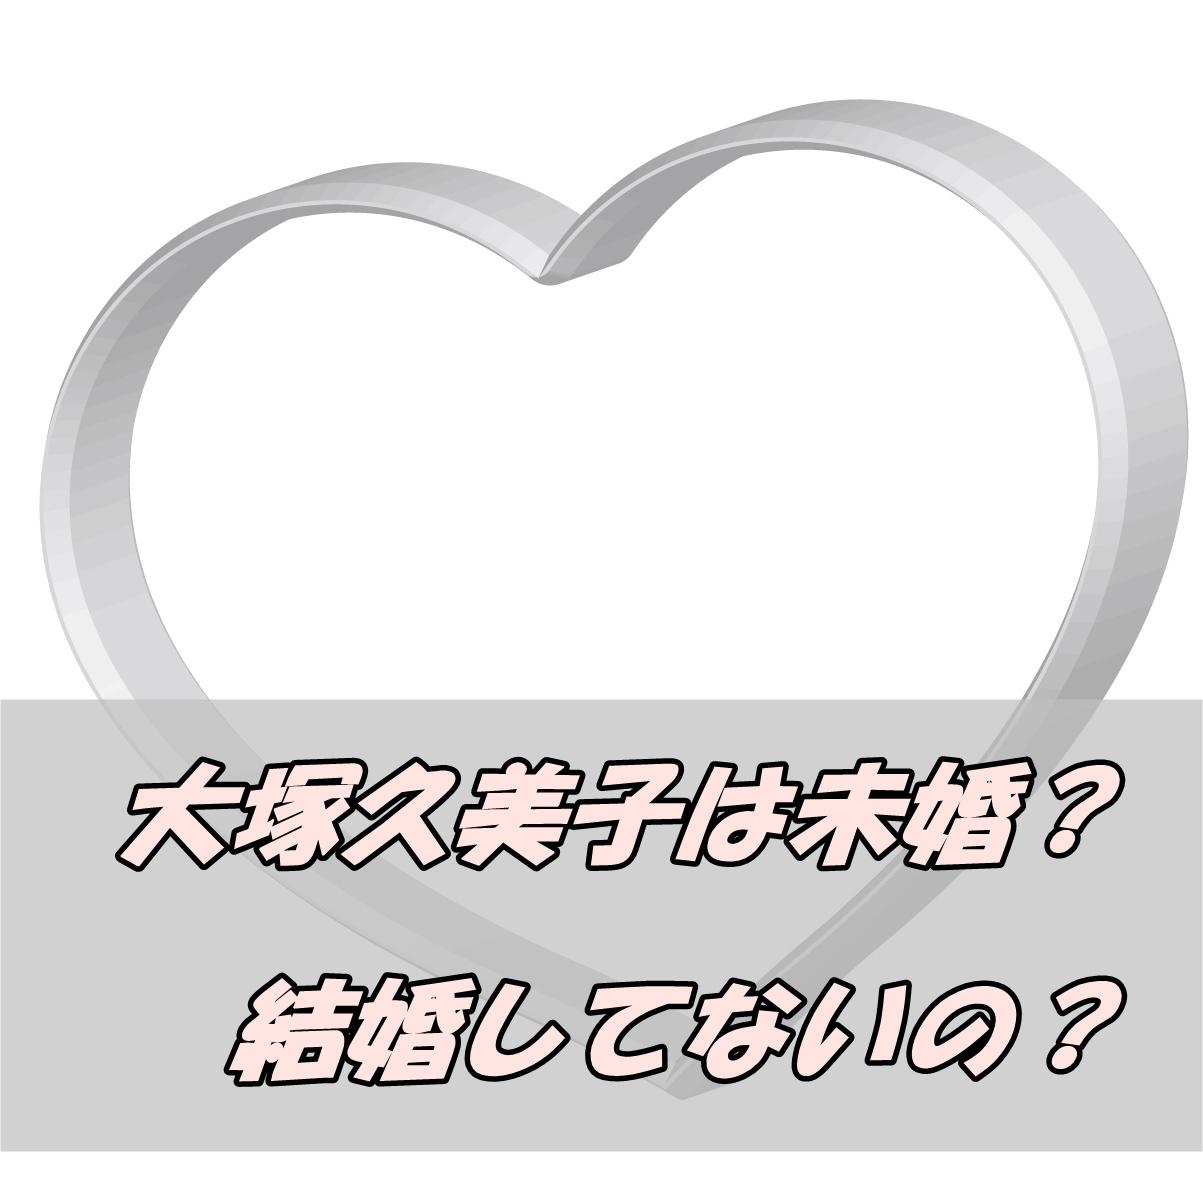 大塚家具の大塚久美子社長は未婚の噂、結婚して夫いないの?